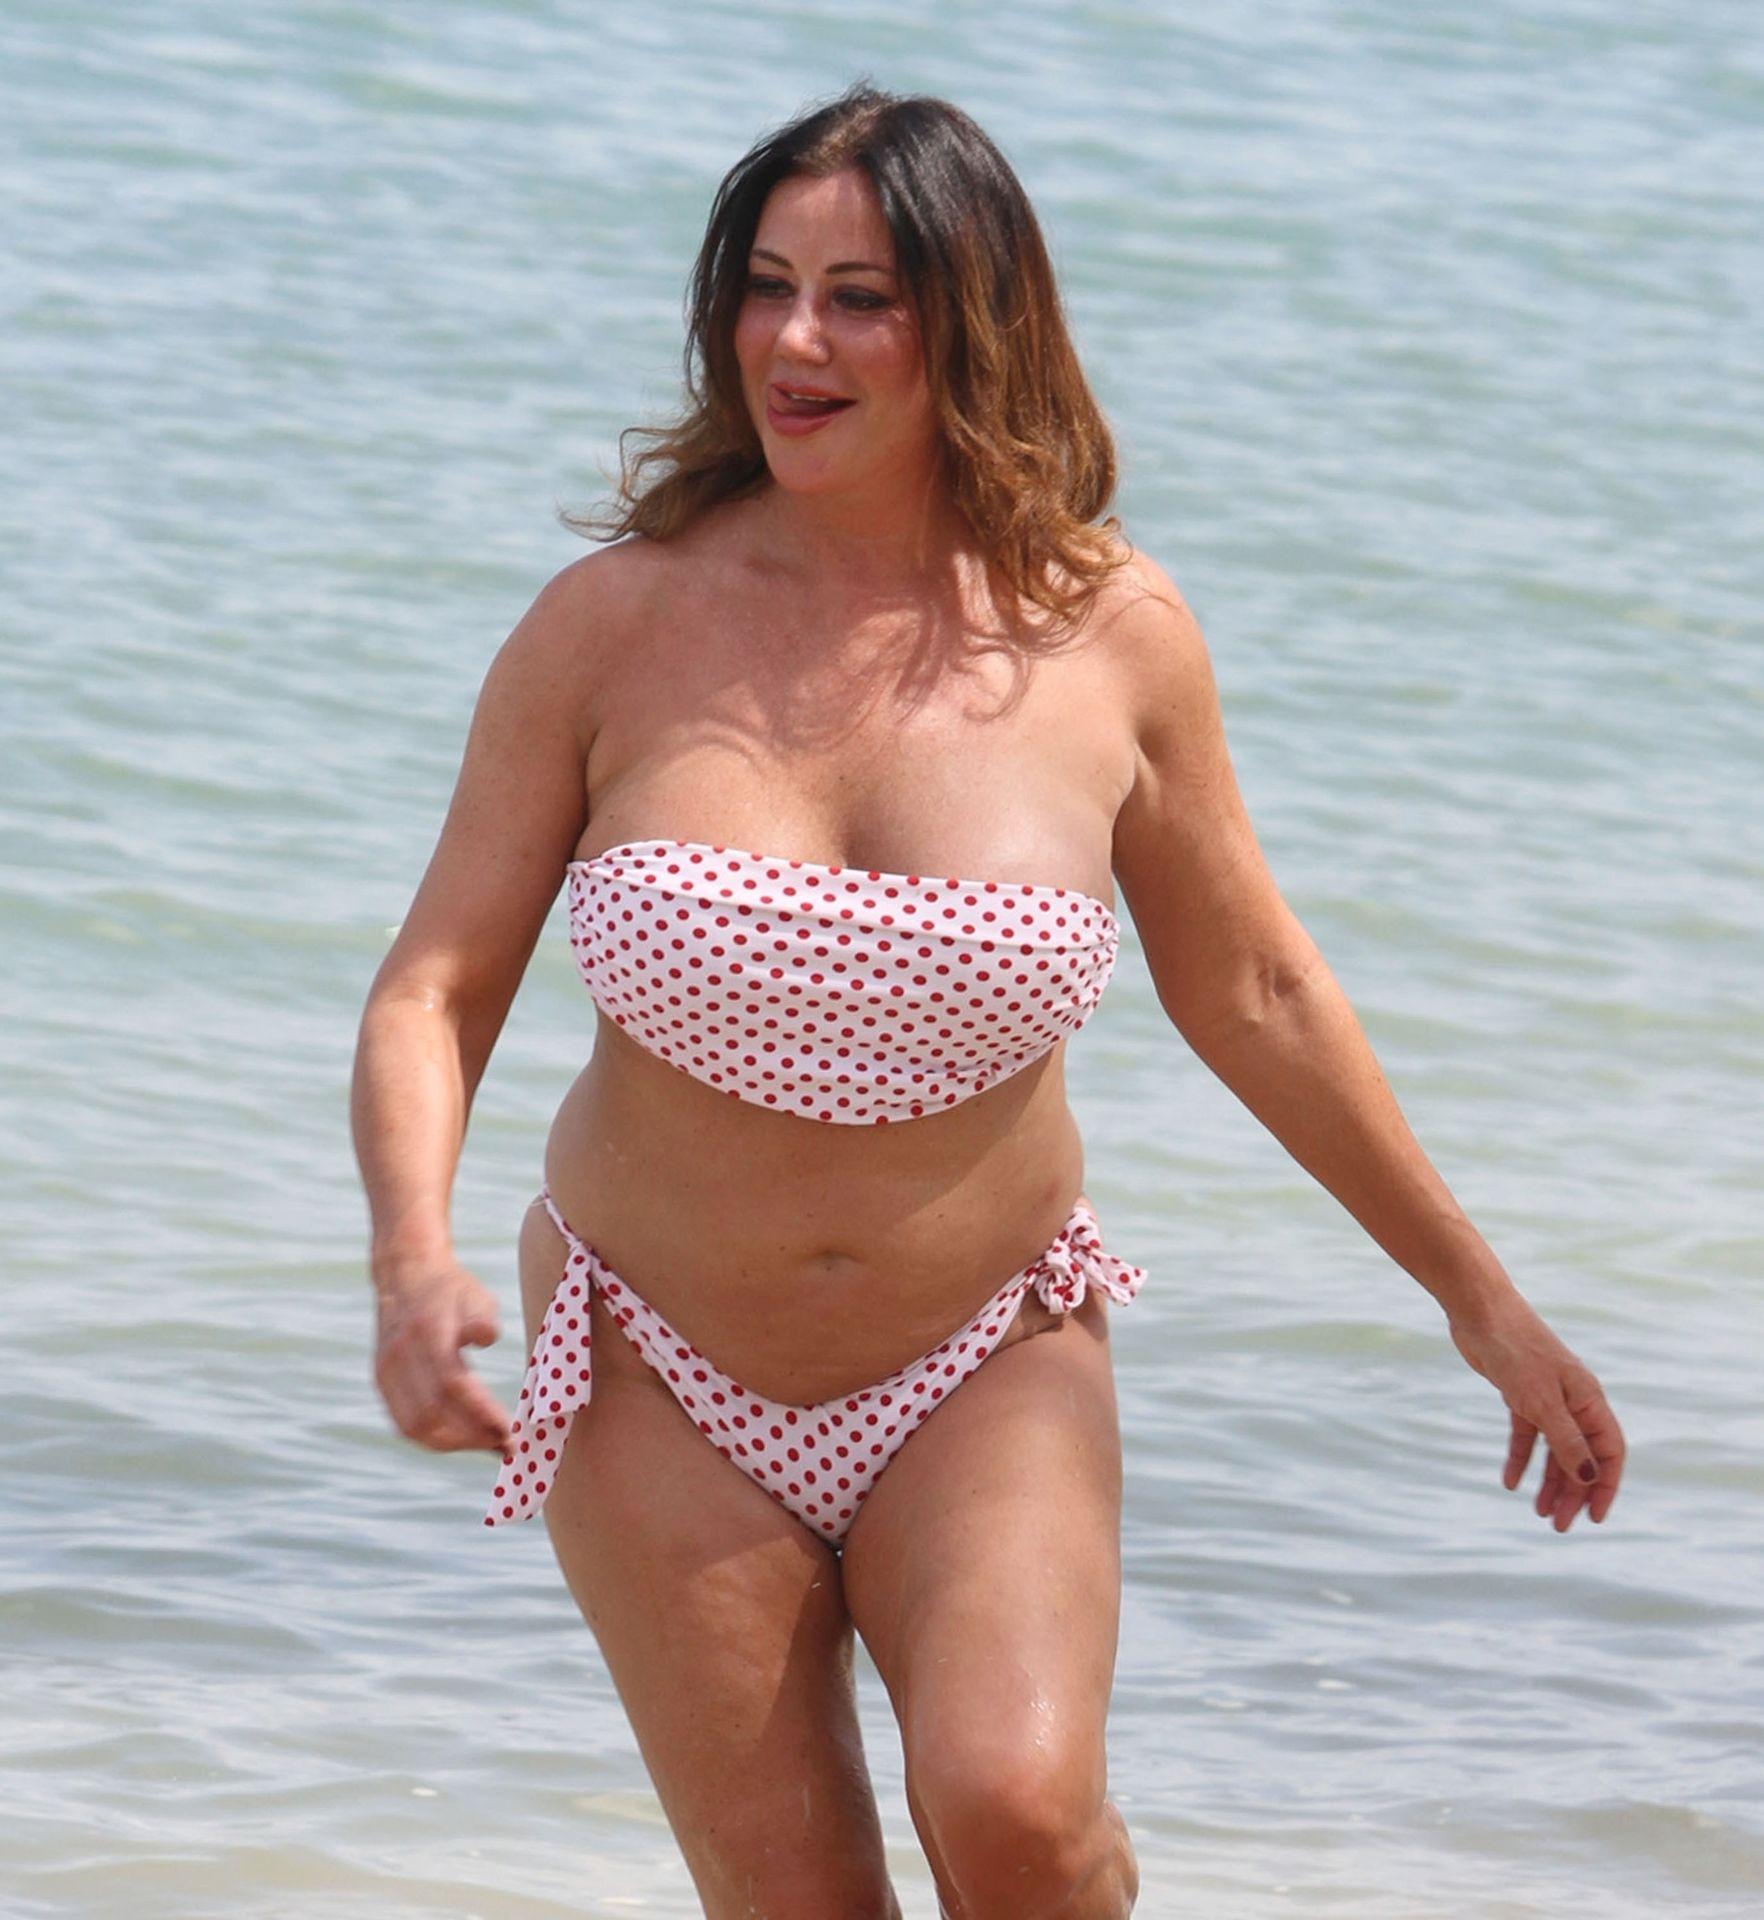 Lisa Appleton Hot & Topless 0032